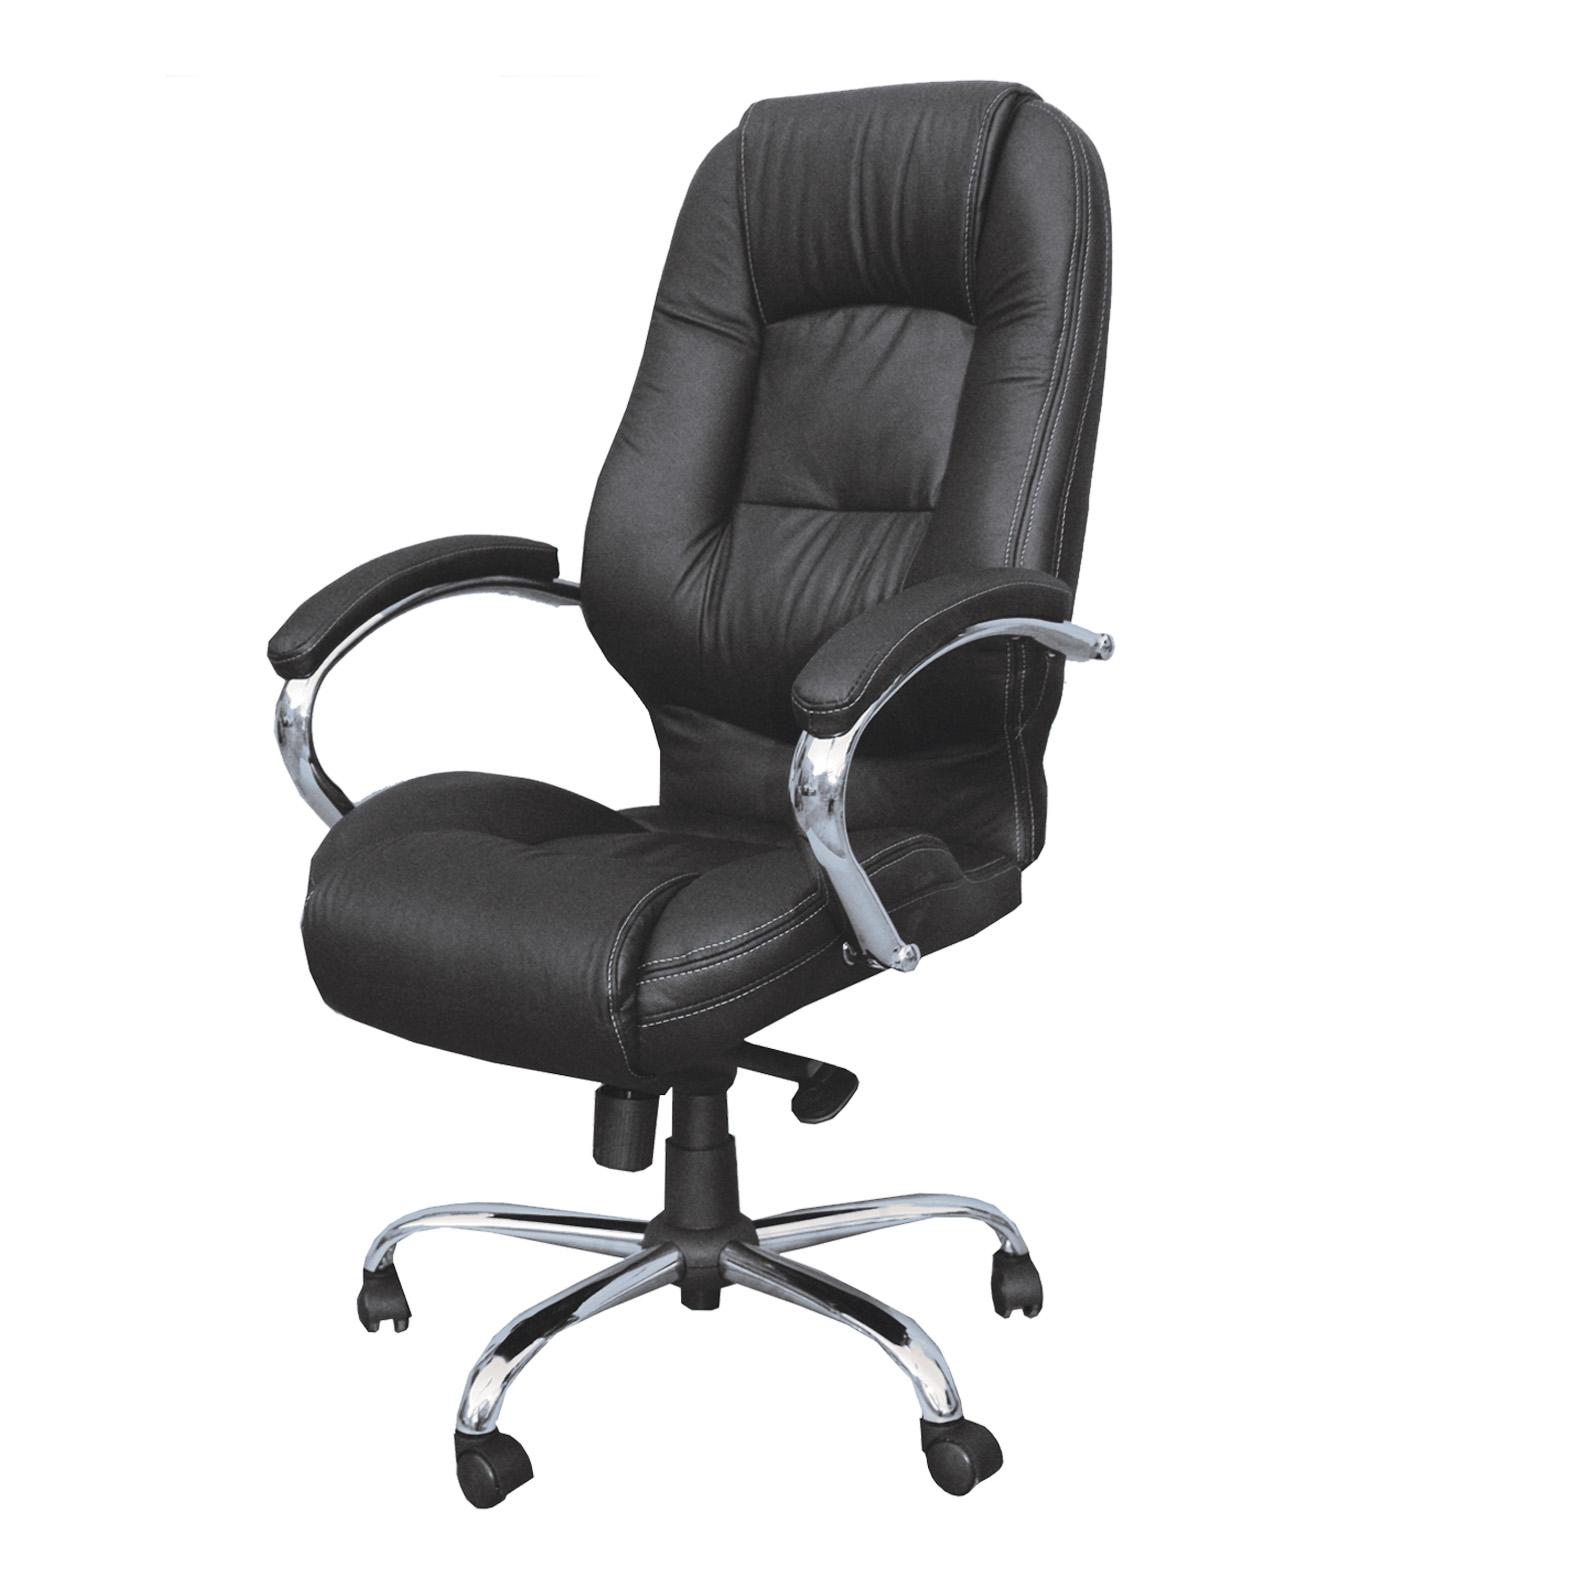 silla gerencial 9100 grupo meta soluciones de limpieza